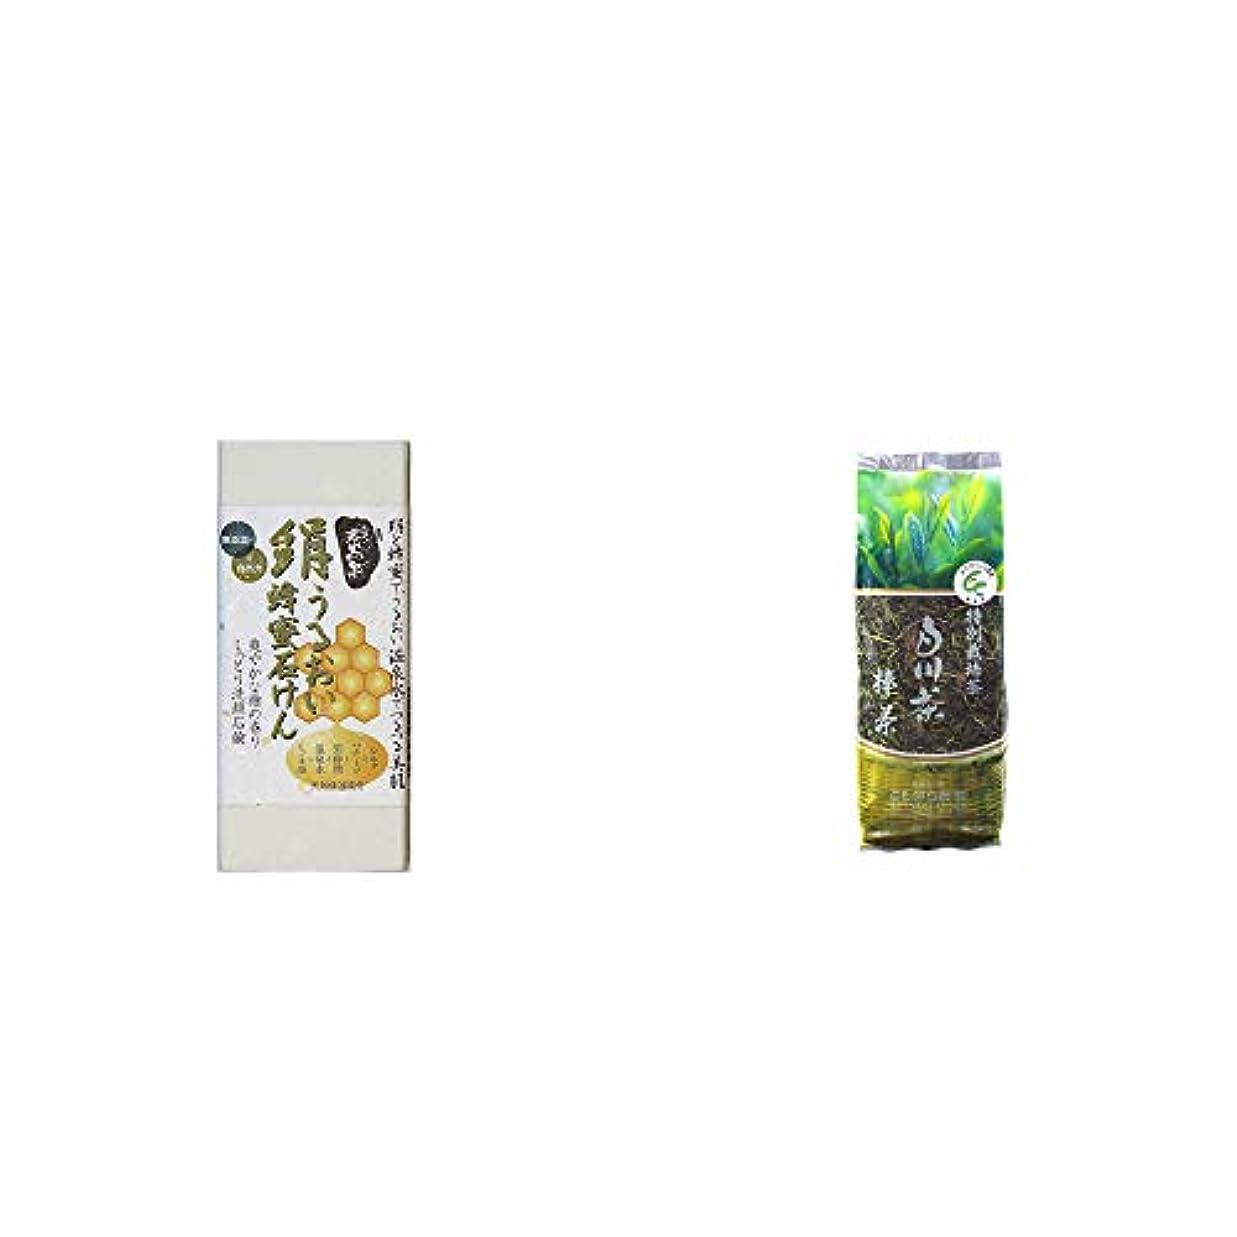 優しさ対抗入場[2点セット] ひのき炭黒泉 絹うるおい蜂蜜石けん(75g×2)?白川茶 特別栽培茶【棒茶】(150g)